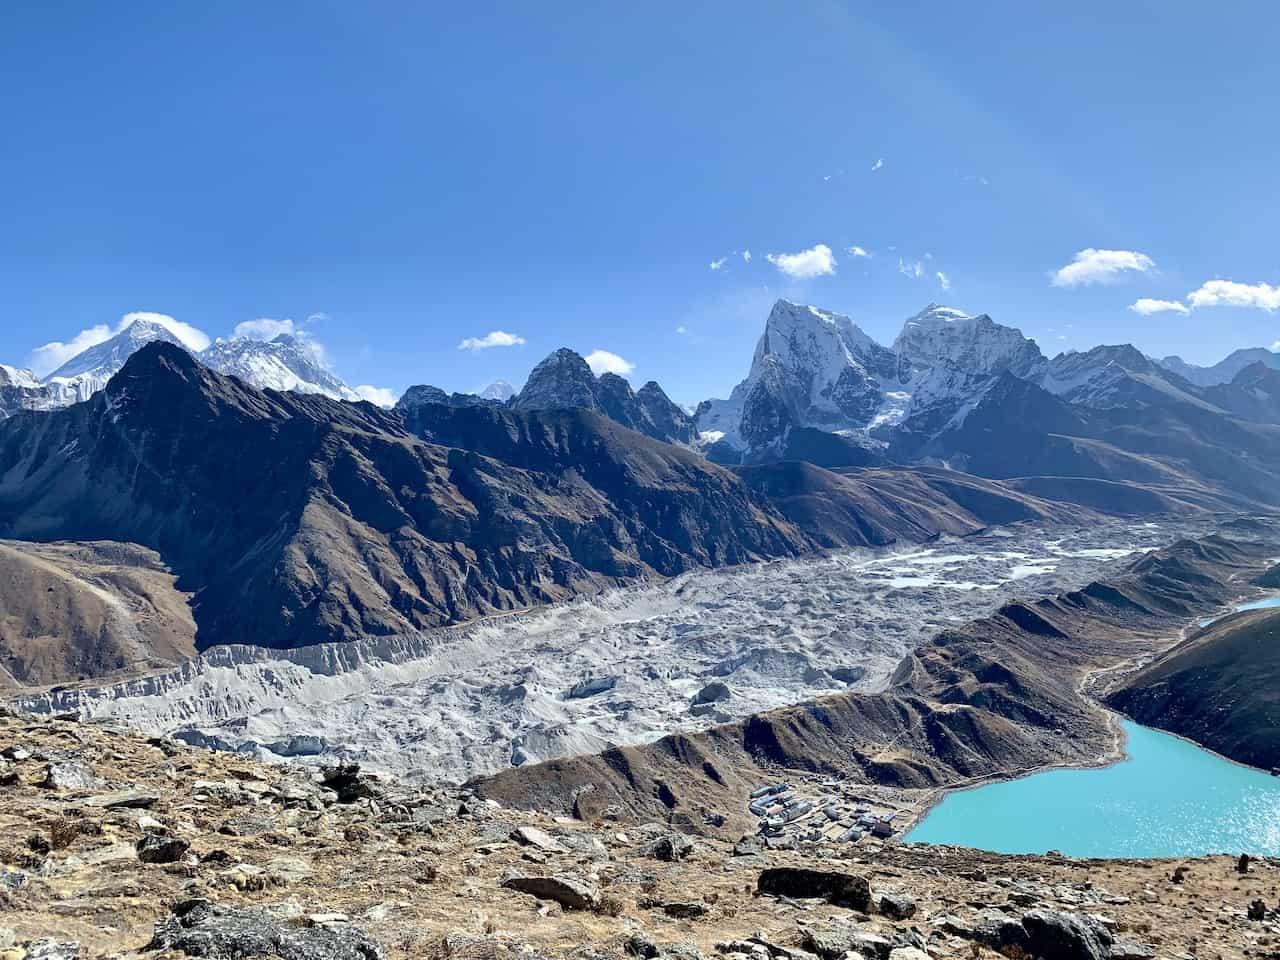 Ngozumpa Glacier Viewpoint